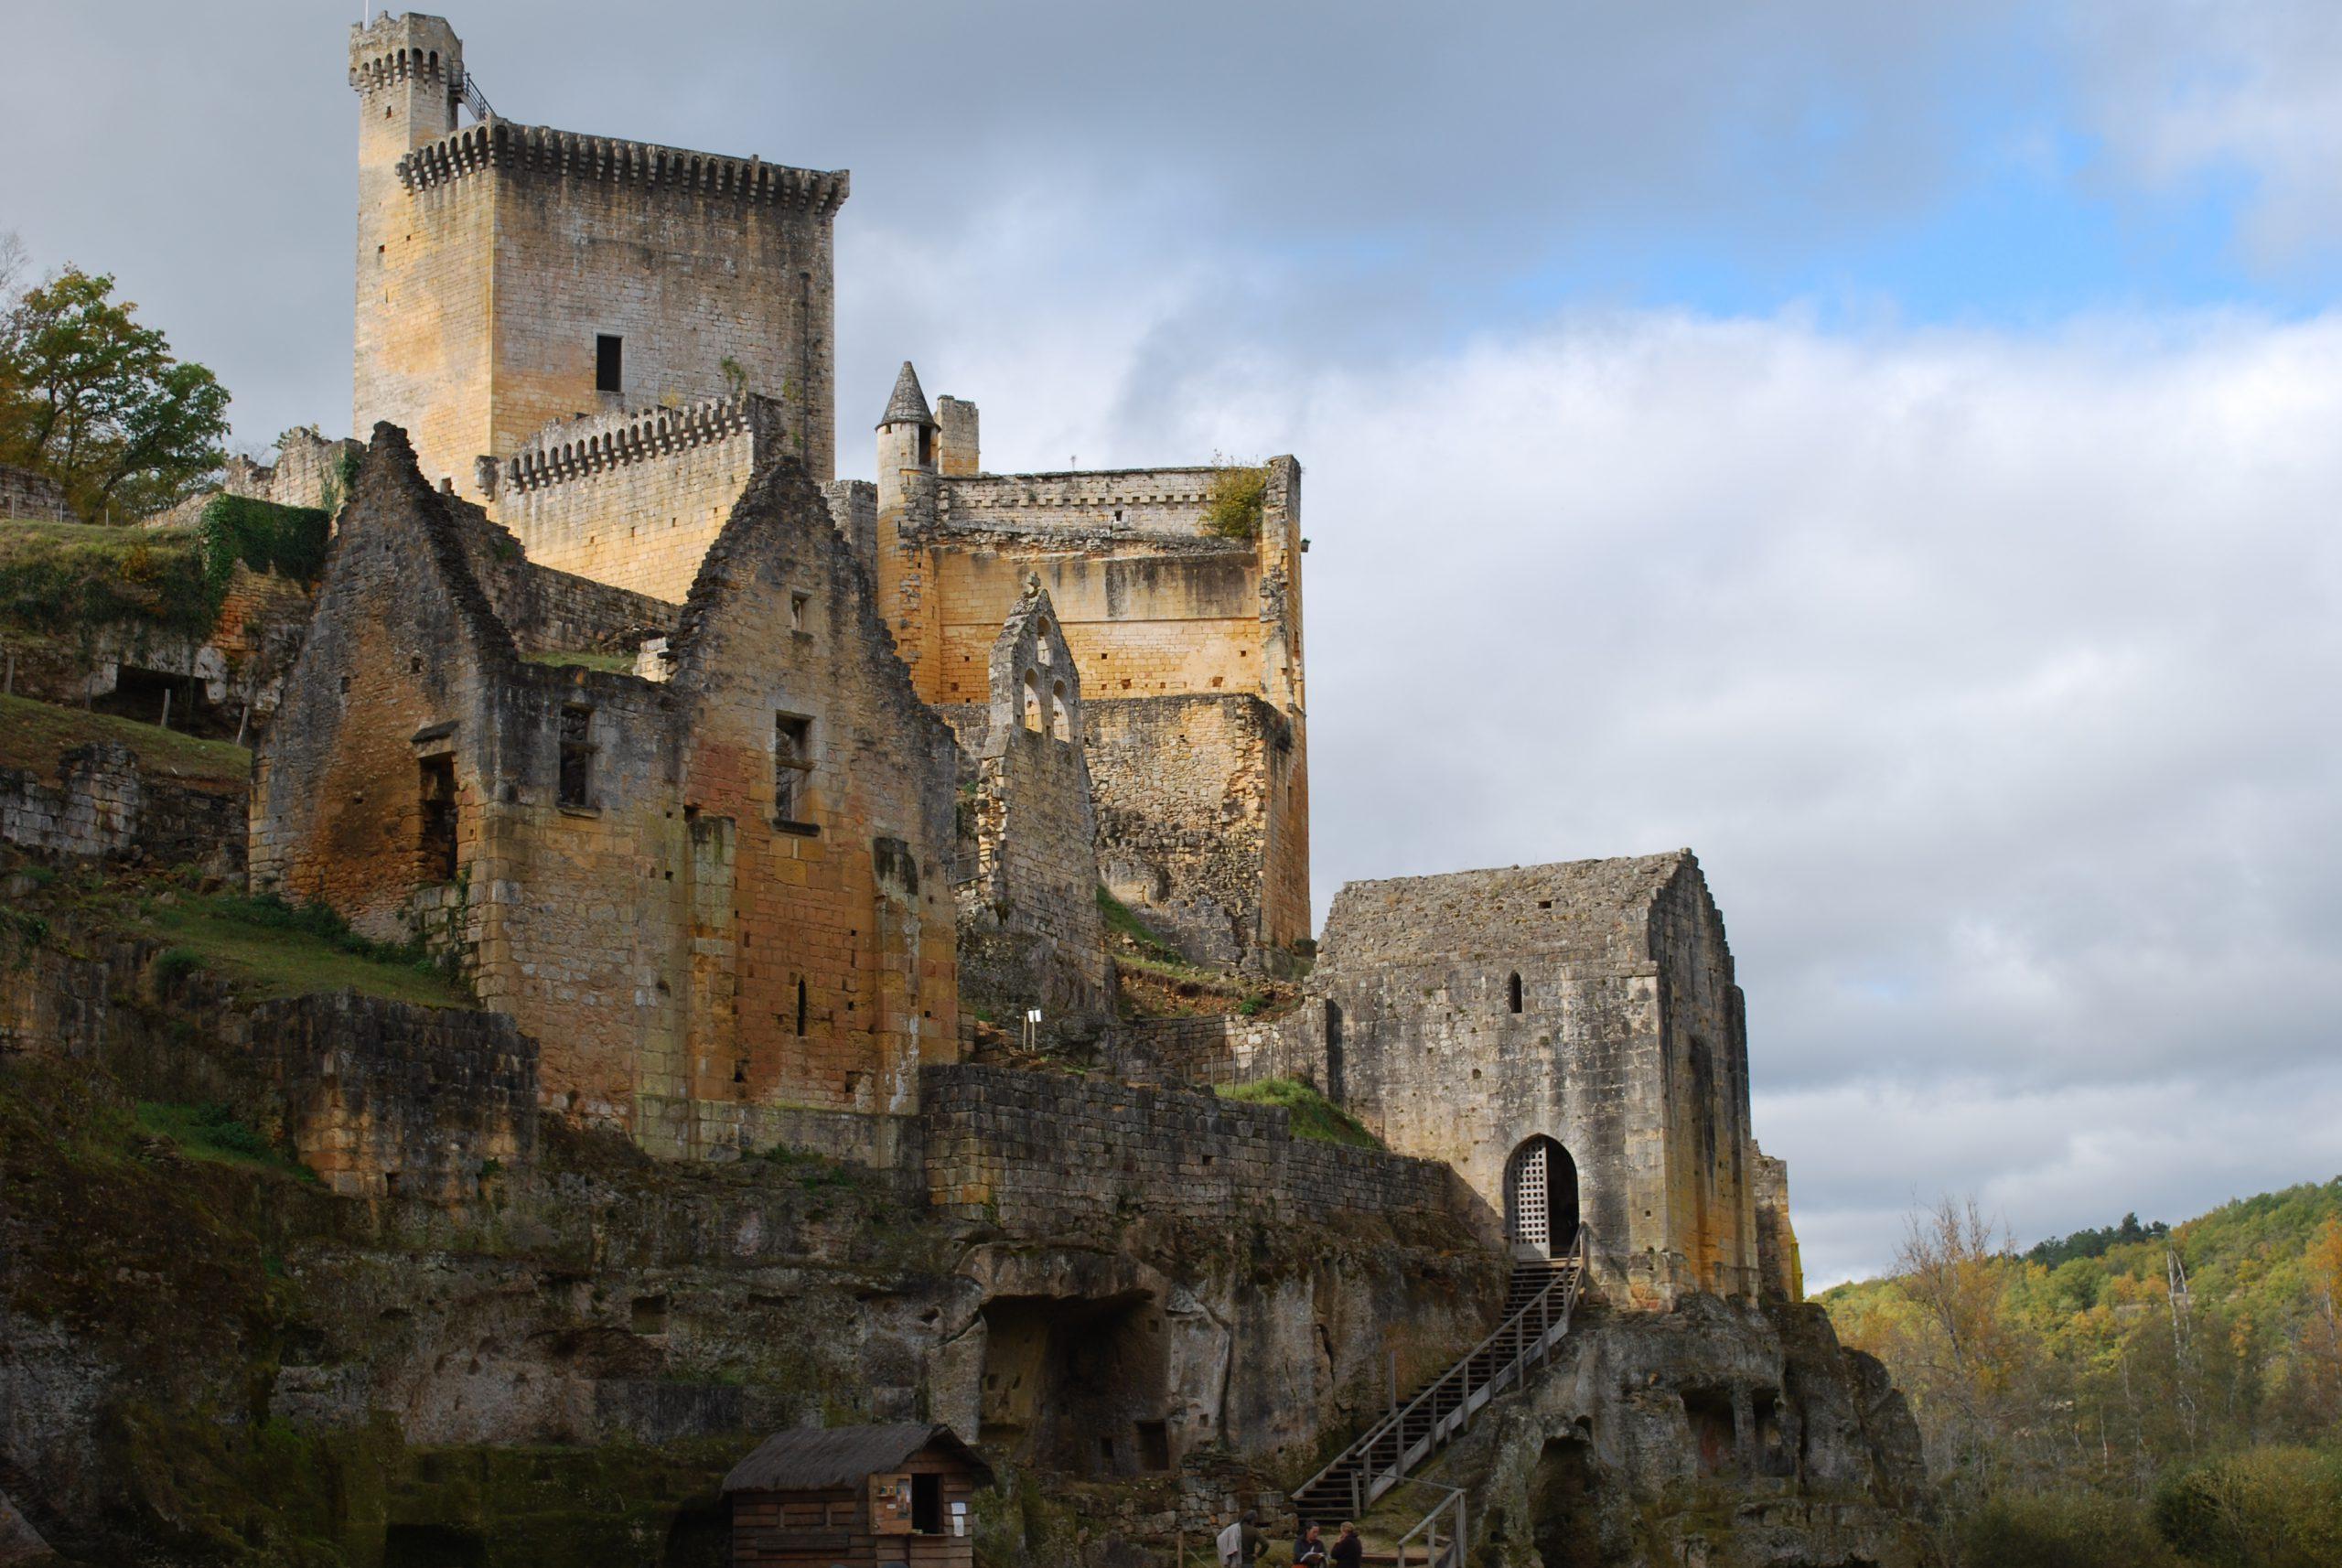 发一组国外古堡的照片(高清大图,很难得哦)